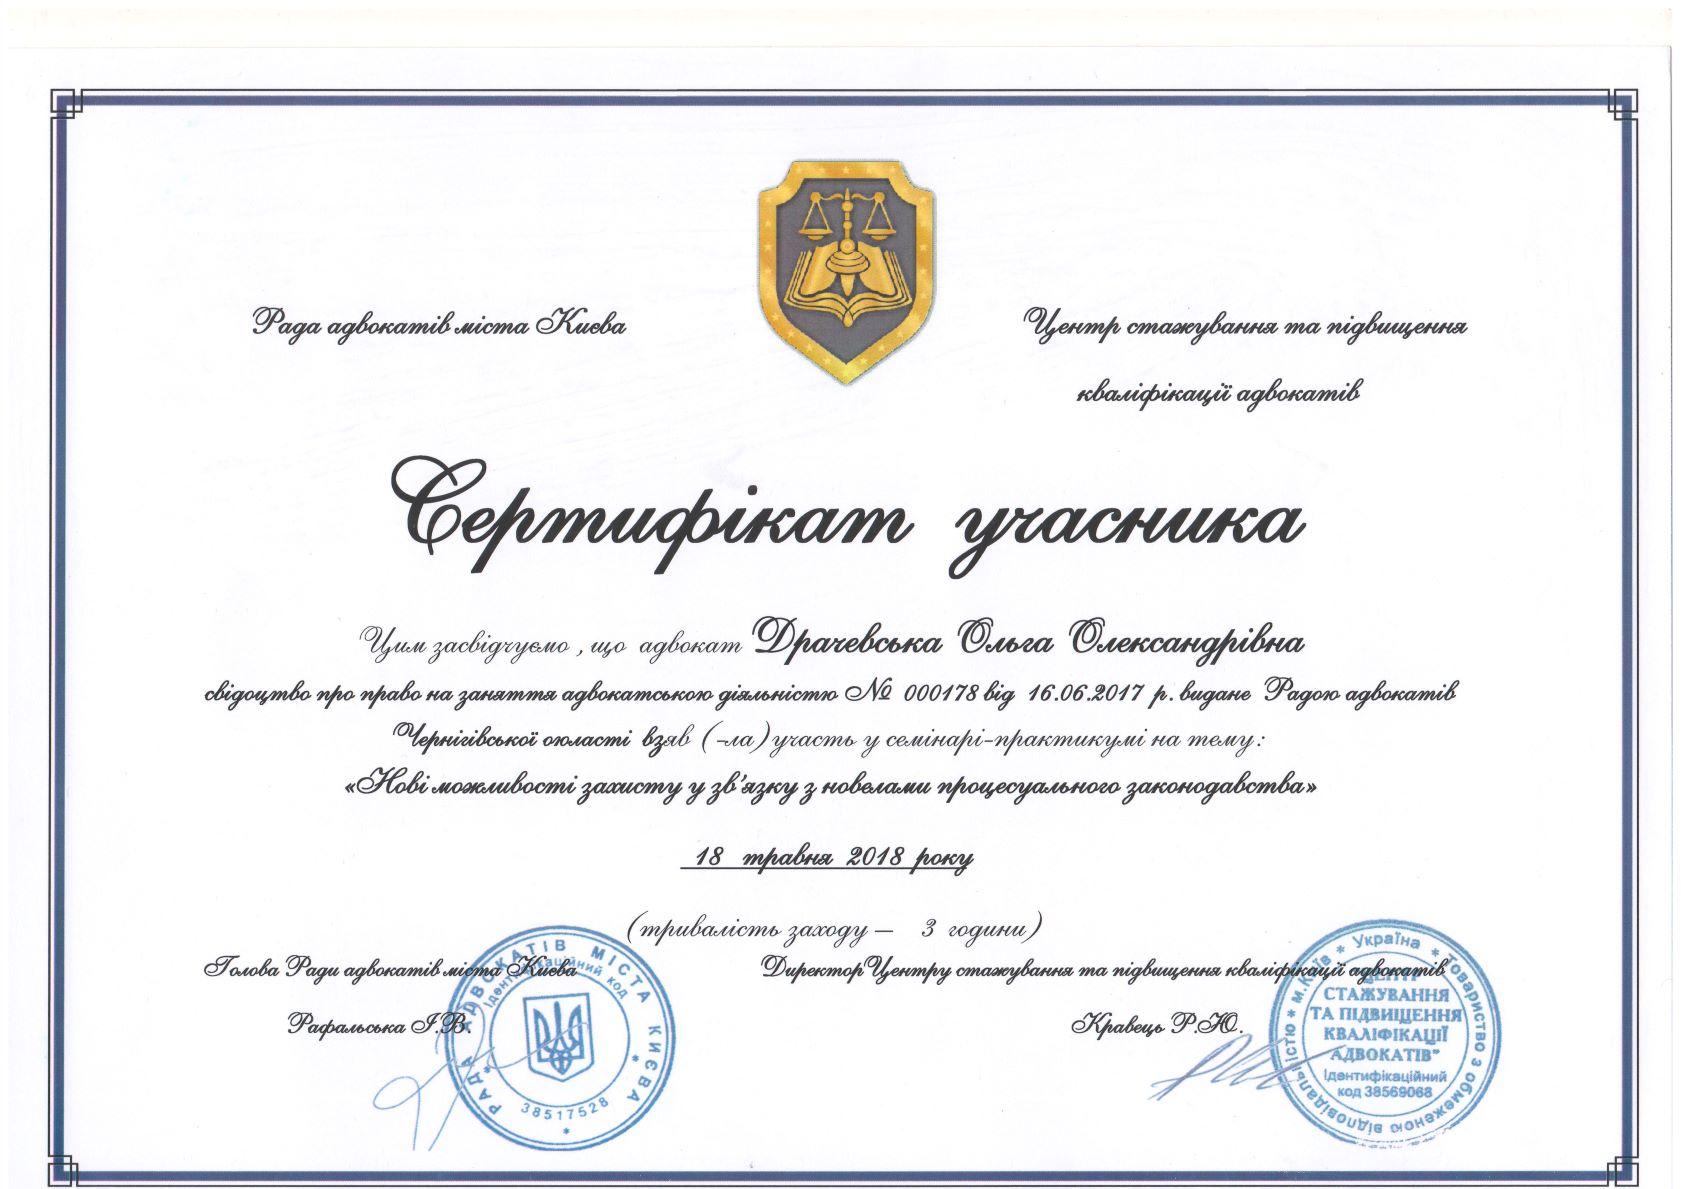 Драчевская О.А, Drachevska Olga, Драчевская Ольга